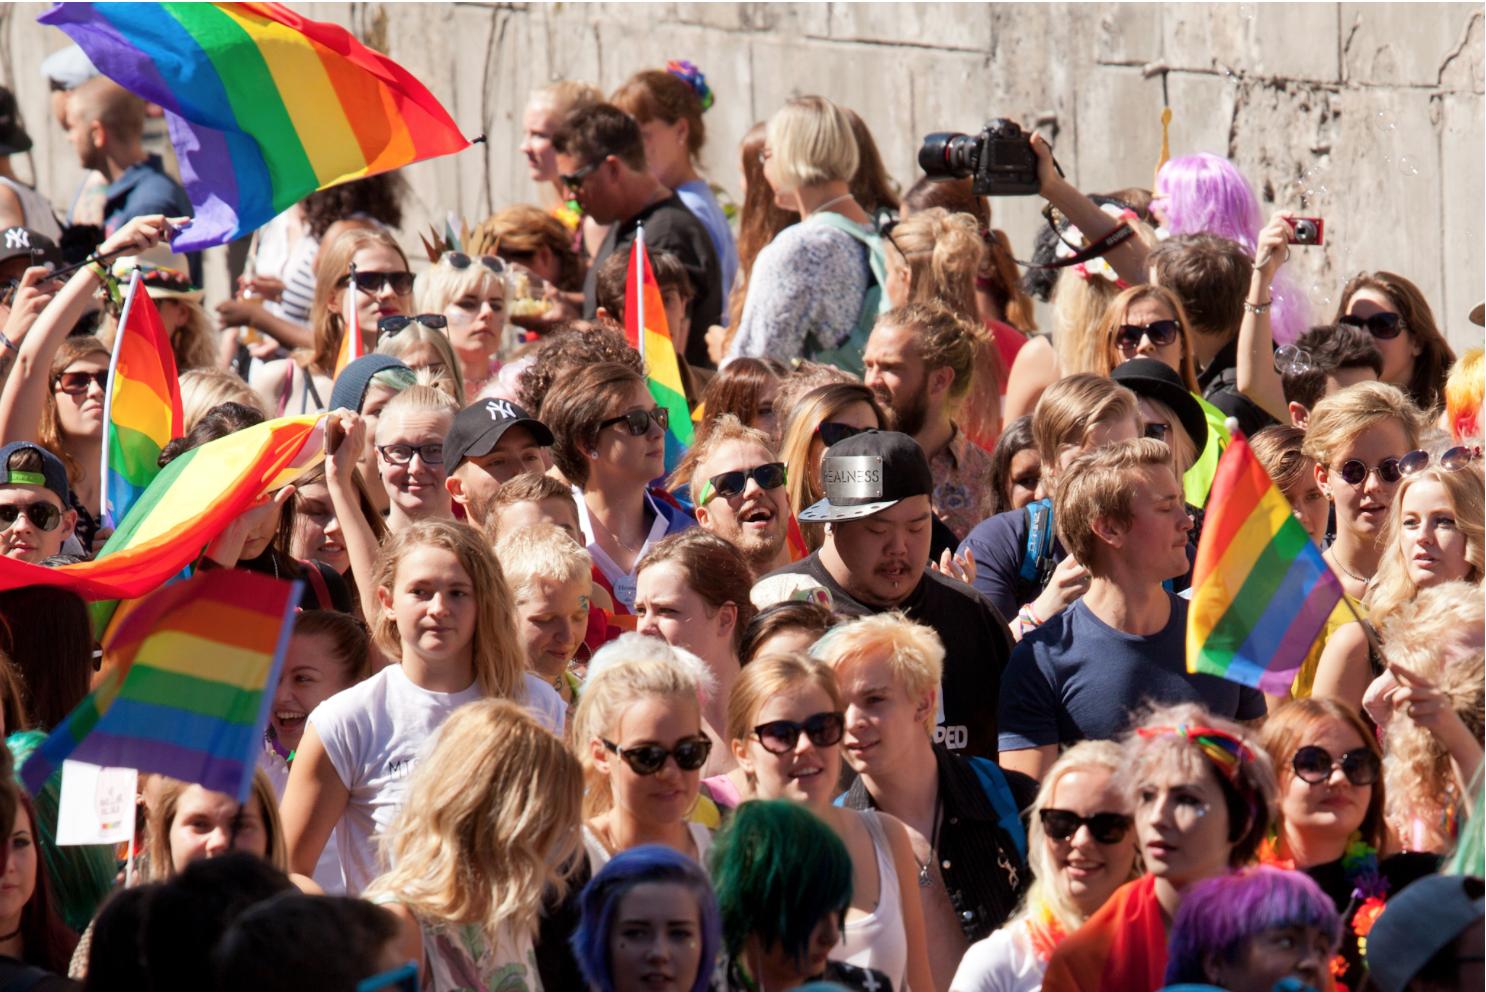 Веселка навиворіт: як живуть ЛГБТ-люди у толерантному Стокгольмі - фото 3